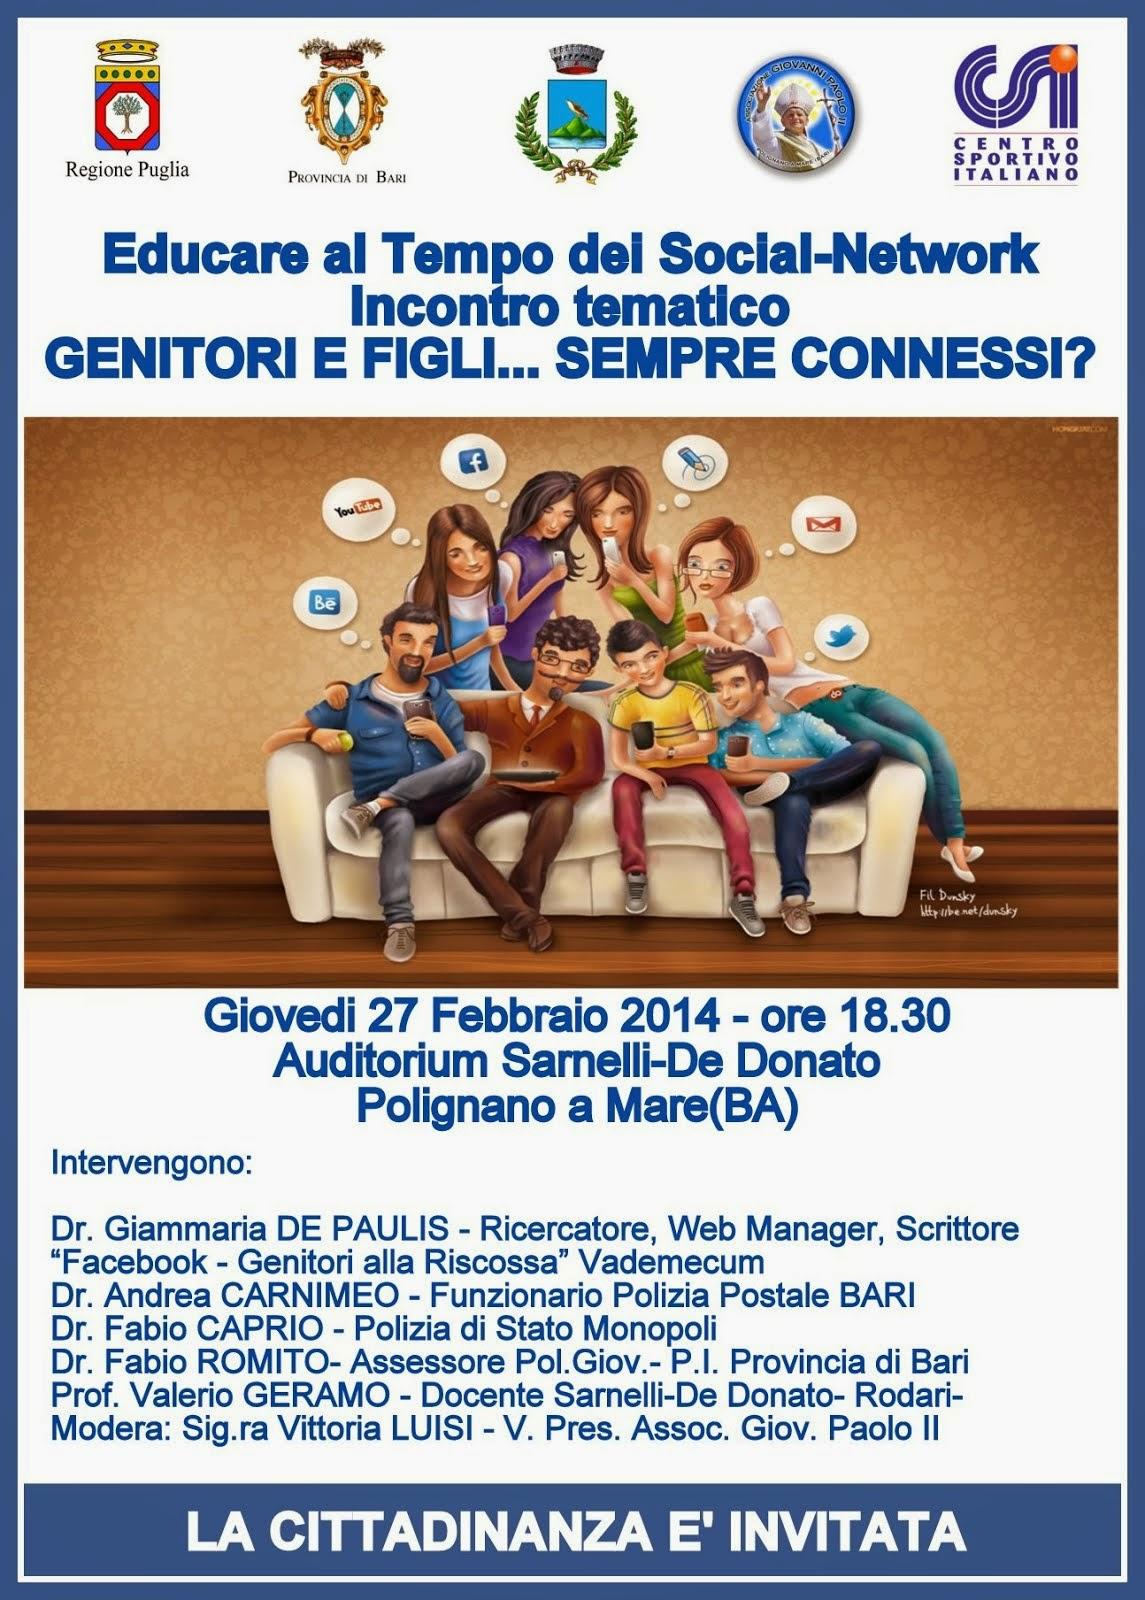 Educare al Tempo dei Social-Network